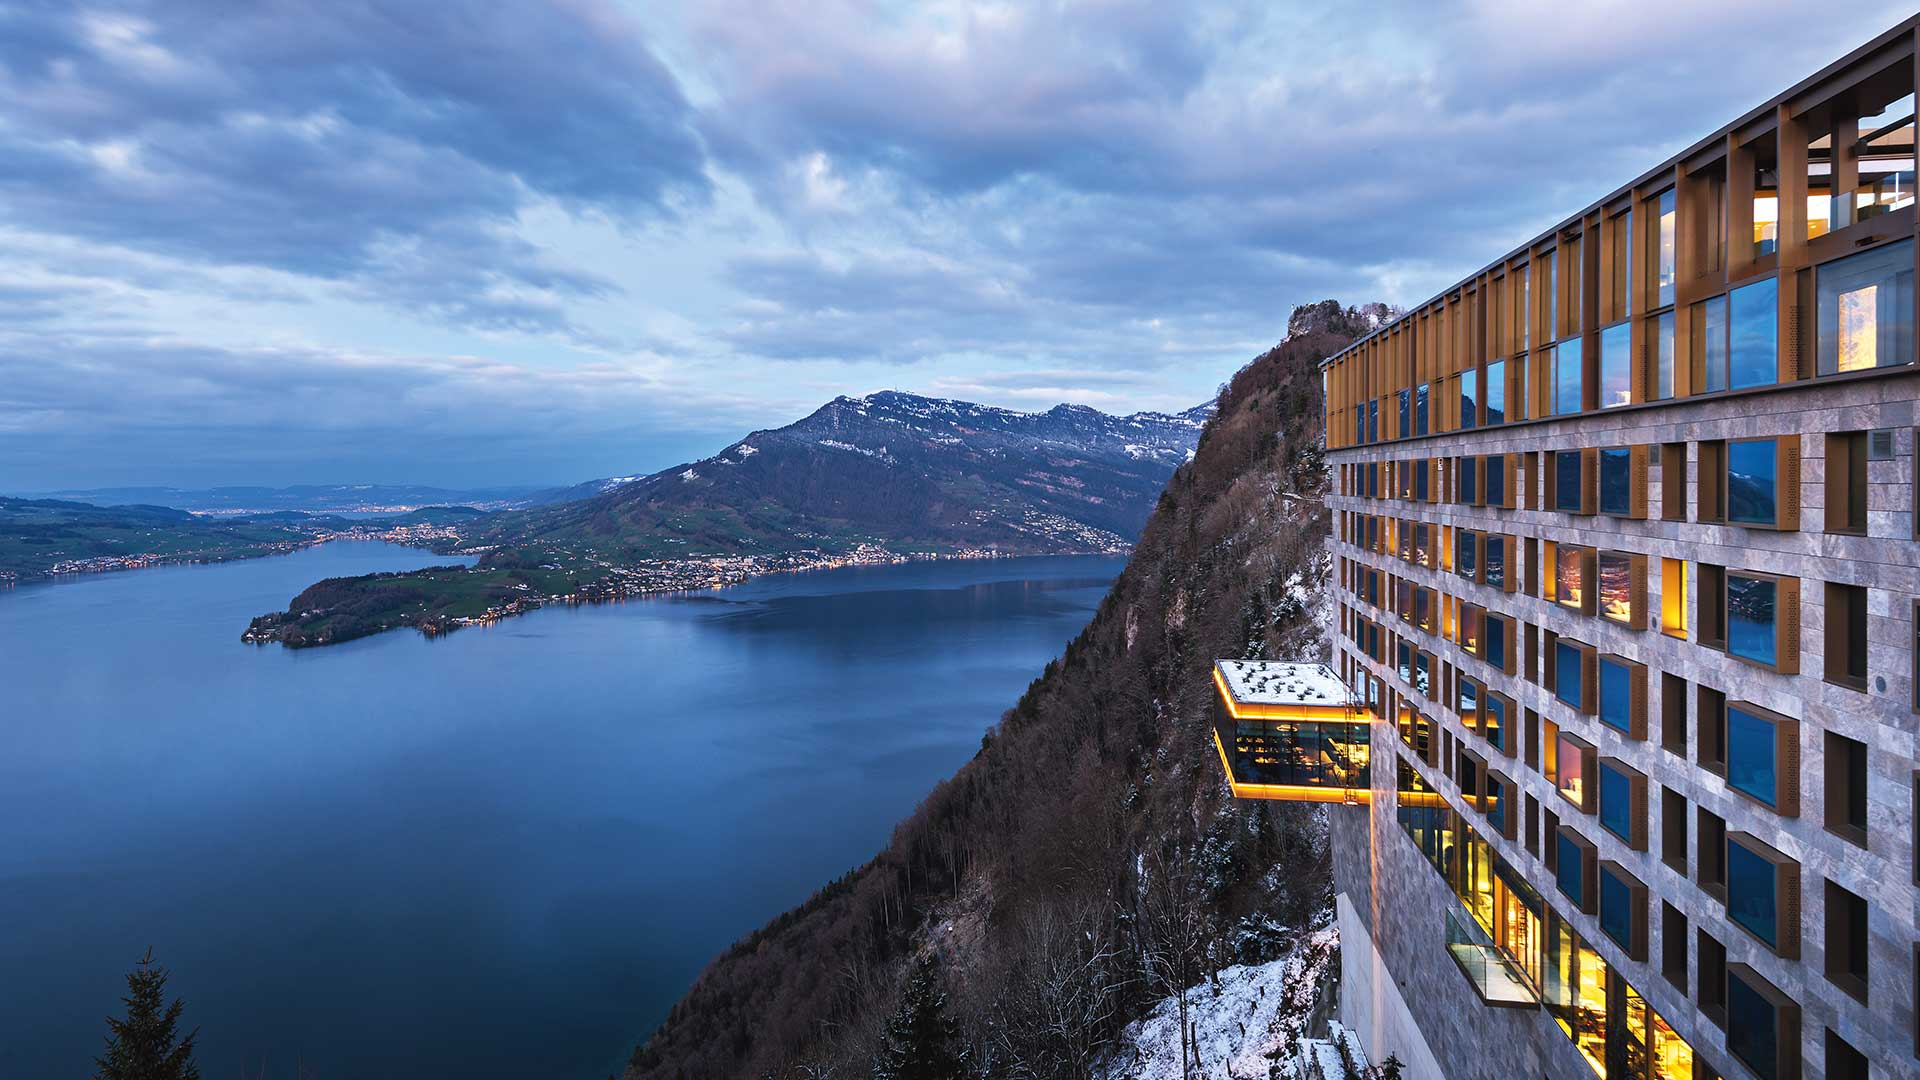 Hotel Bürgenstock - Lucerne